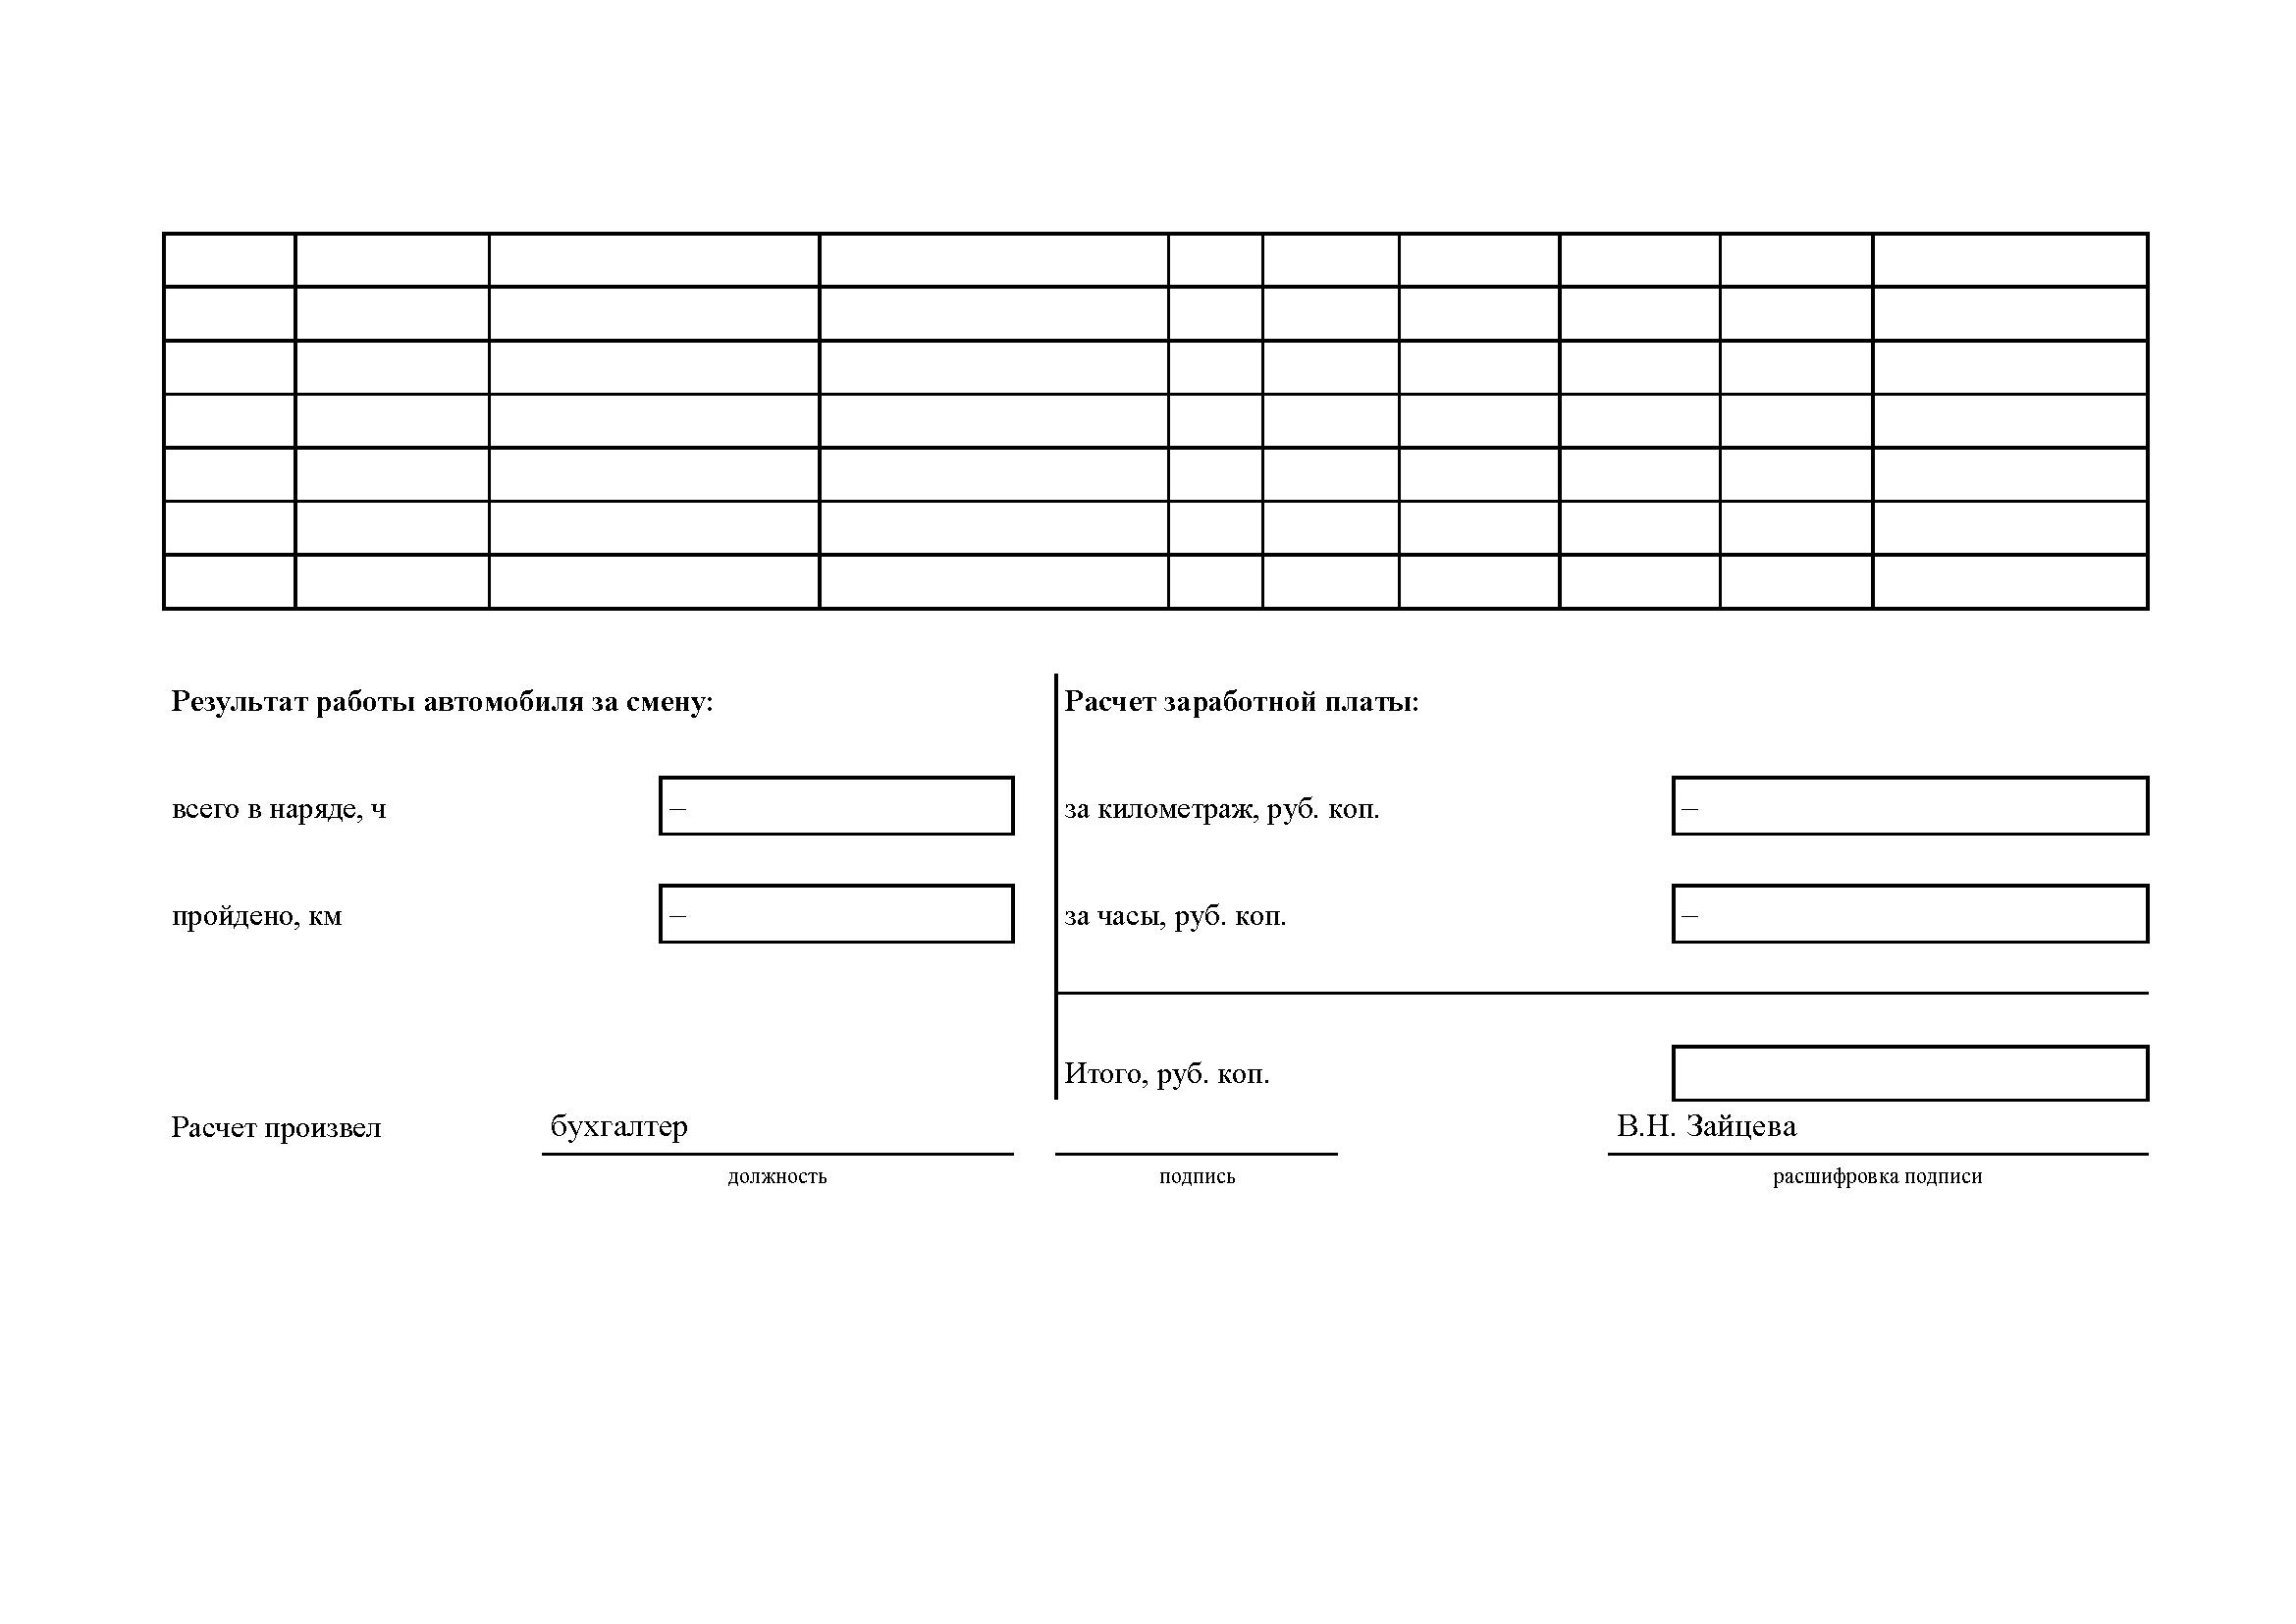 путевой лист бланк образец печать онлайн